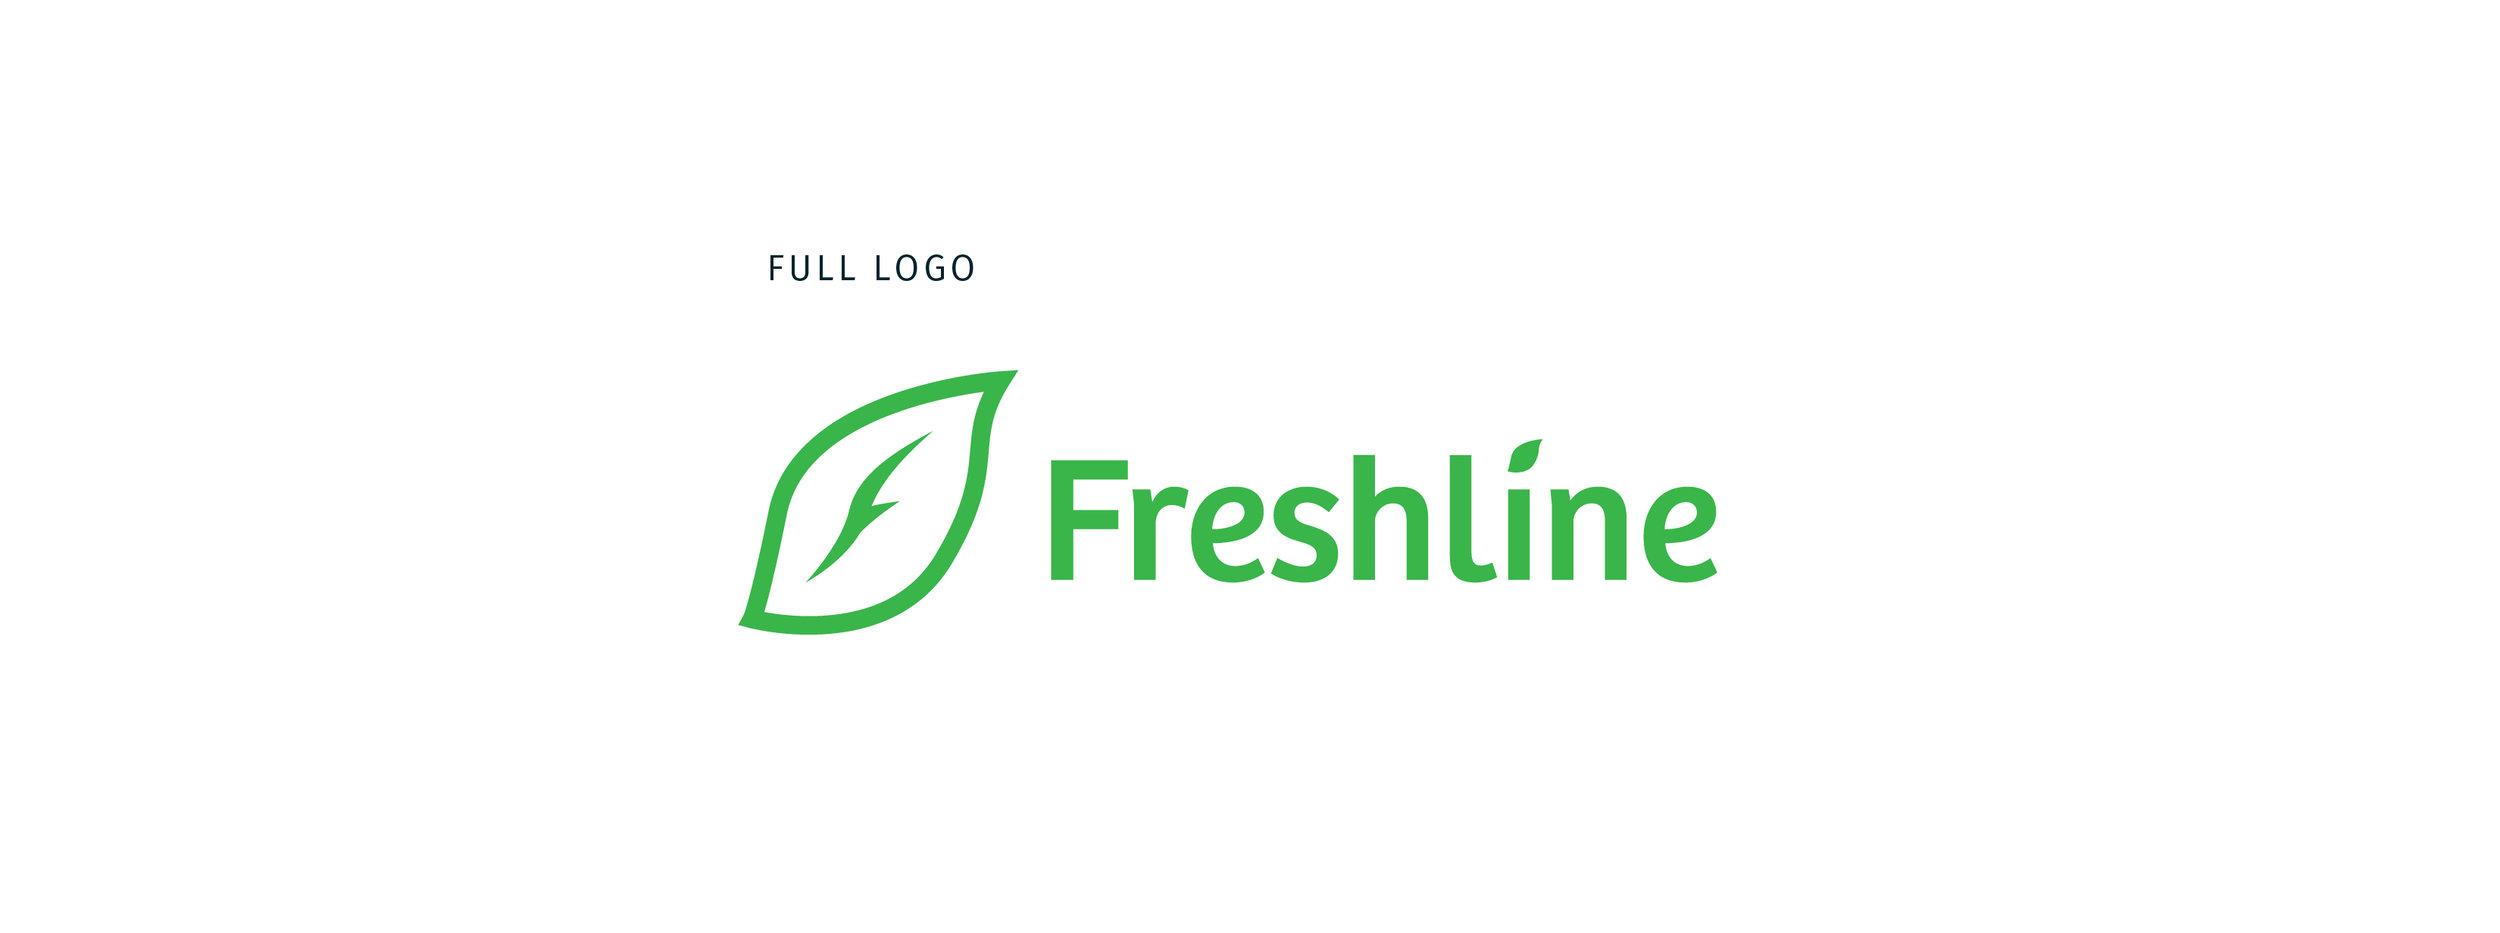 Freshline-Logo-03.jpg